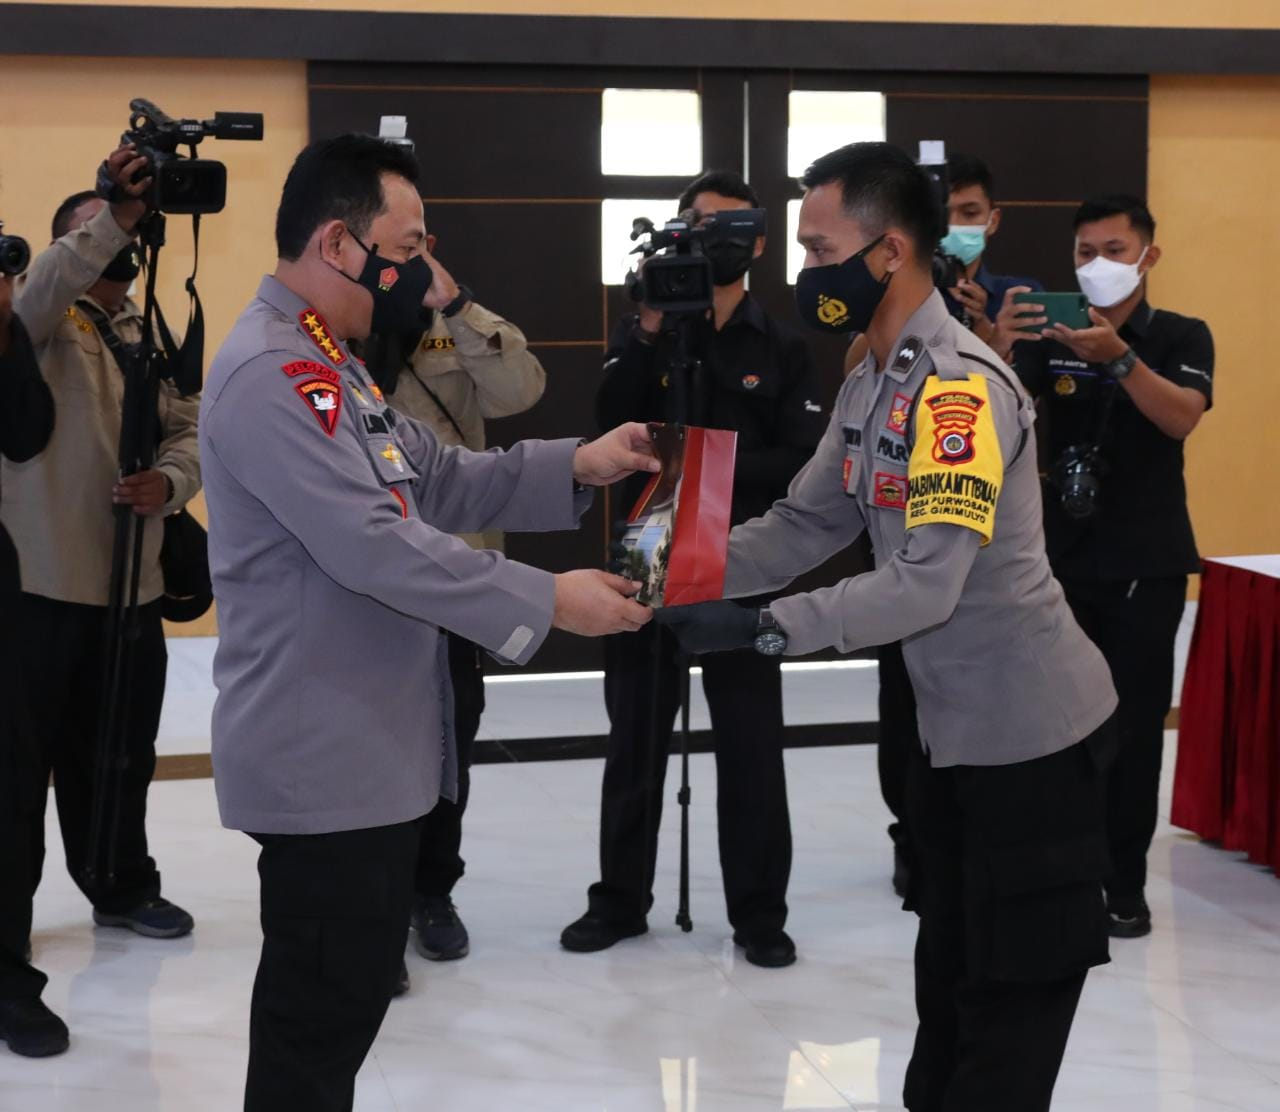 Kapolri Memberikan Penghargaan Berupa Kesempatan Sekolah Perwira 2 Anggota Polda DIY yang Berprestasi